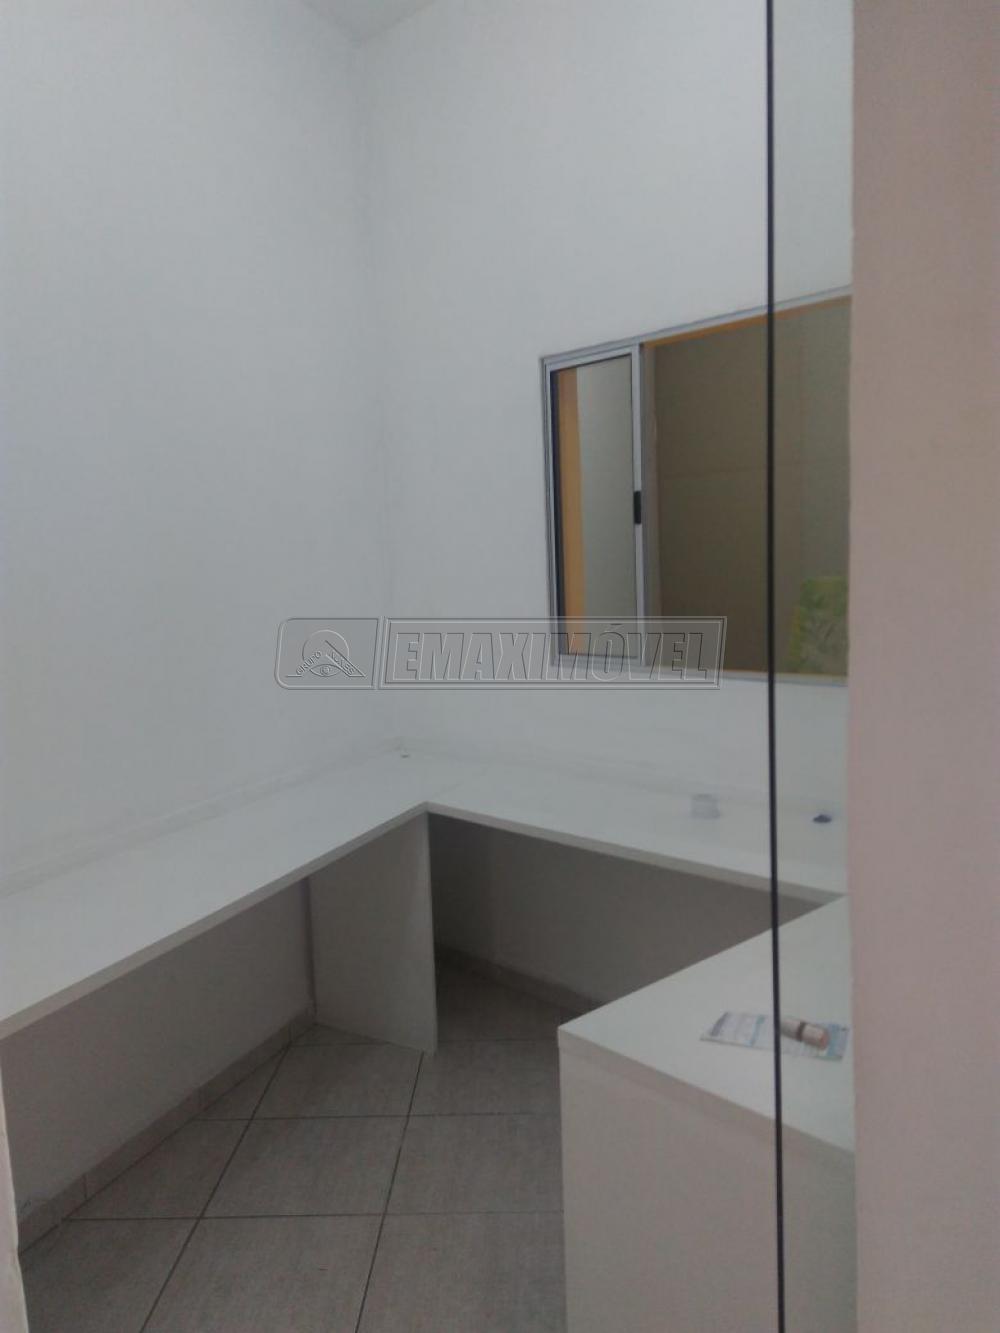 Alugar Comercial / Salões em Sorocaba apenas R$ 1.000,00 - Foto 8